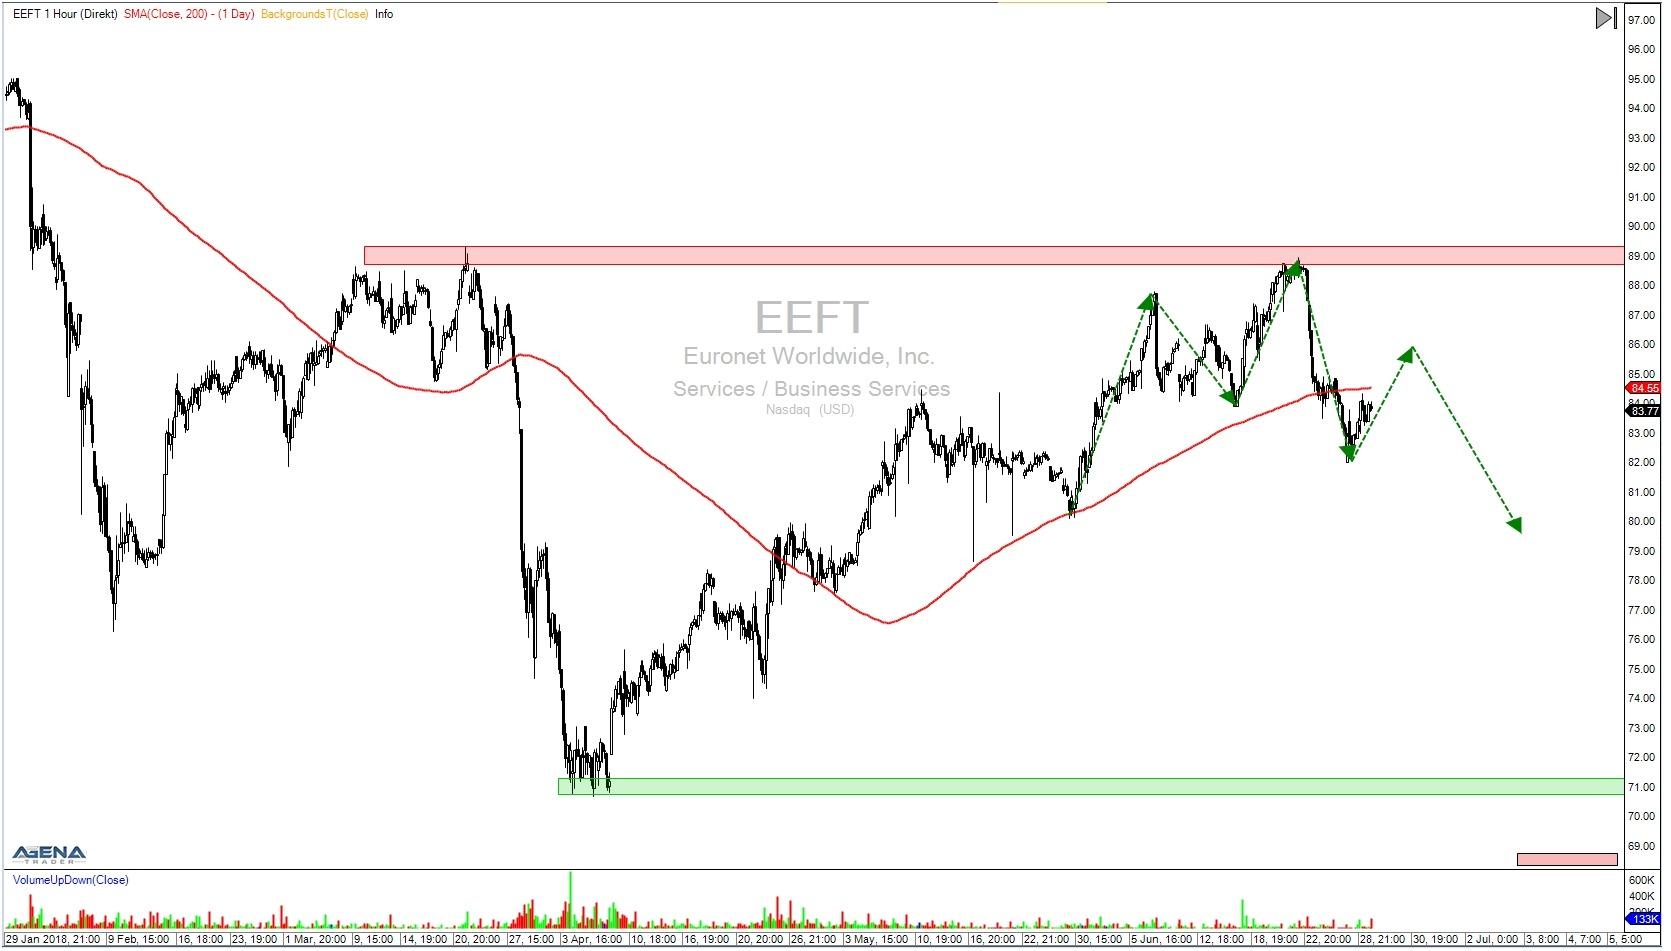 Aktie EEFT Stundenchart mit Ausblick im untergeordneten Trend